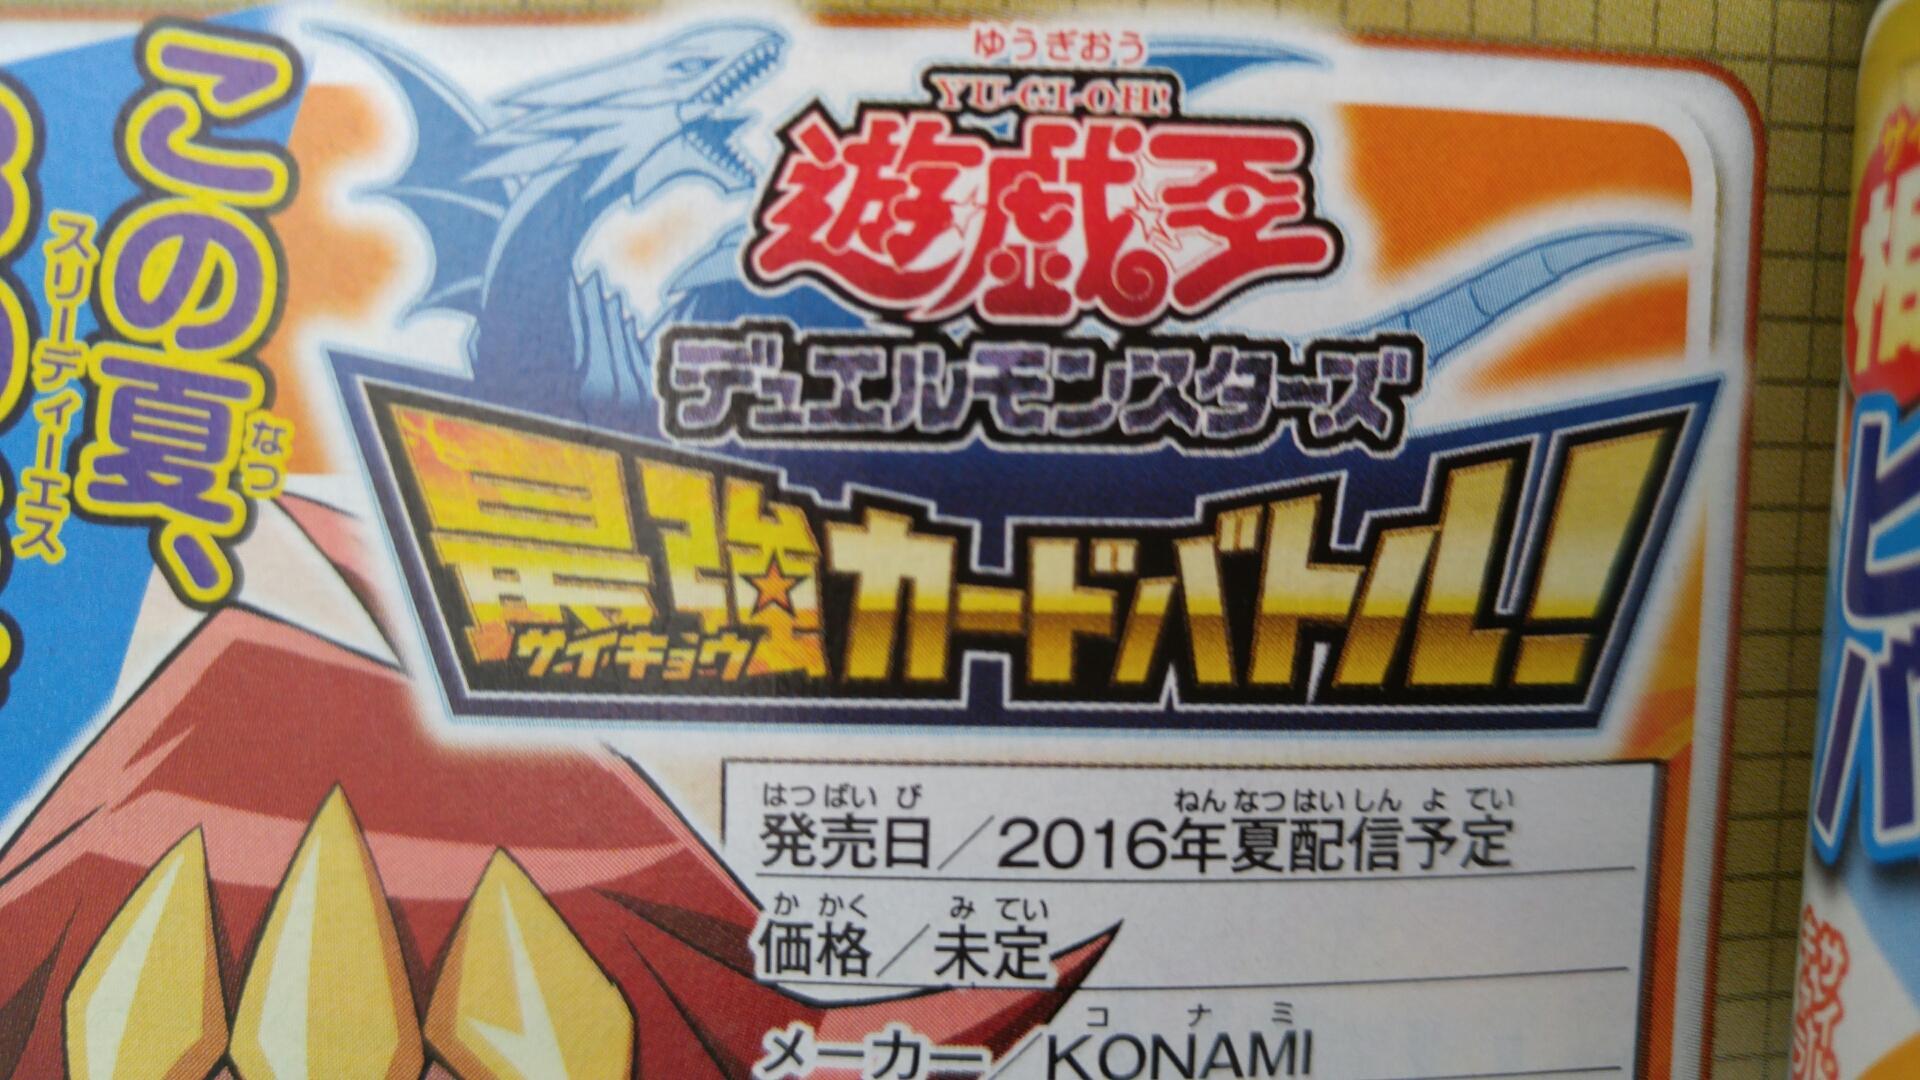 yu gi oh new 3ds game to be called yu gi oh saikyou card battle